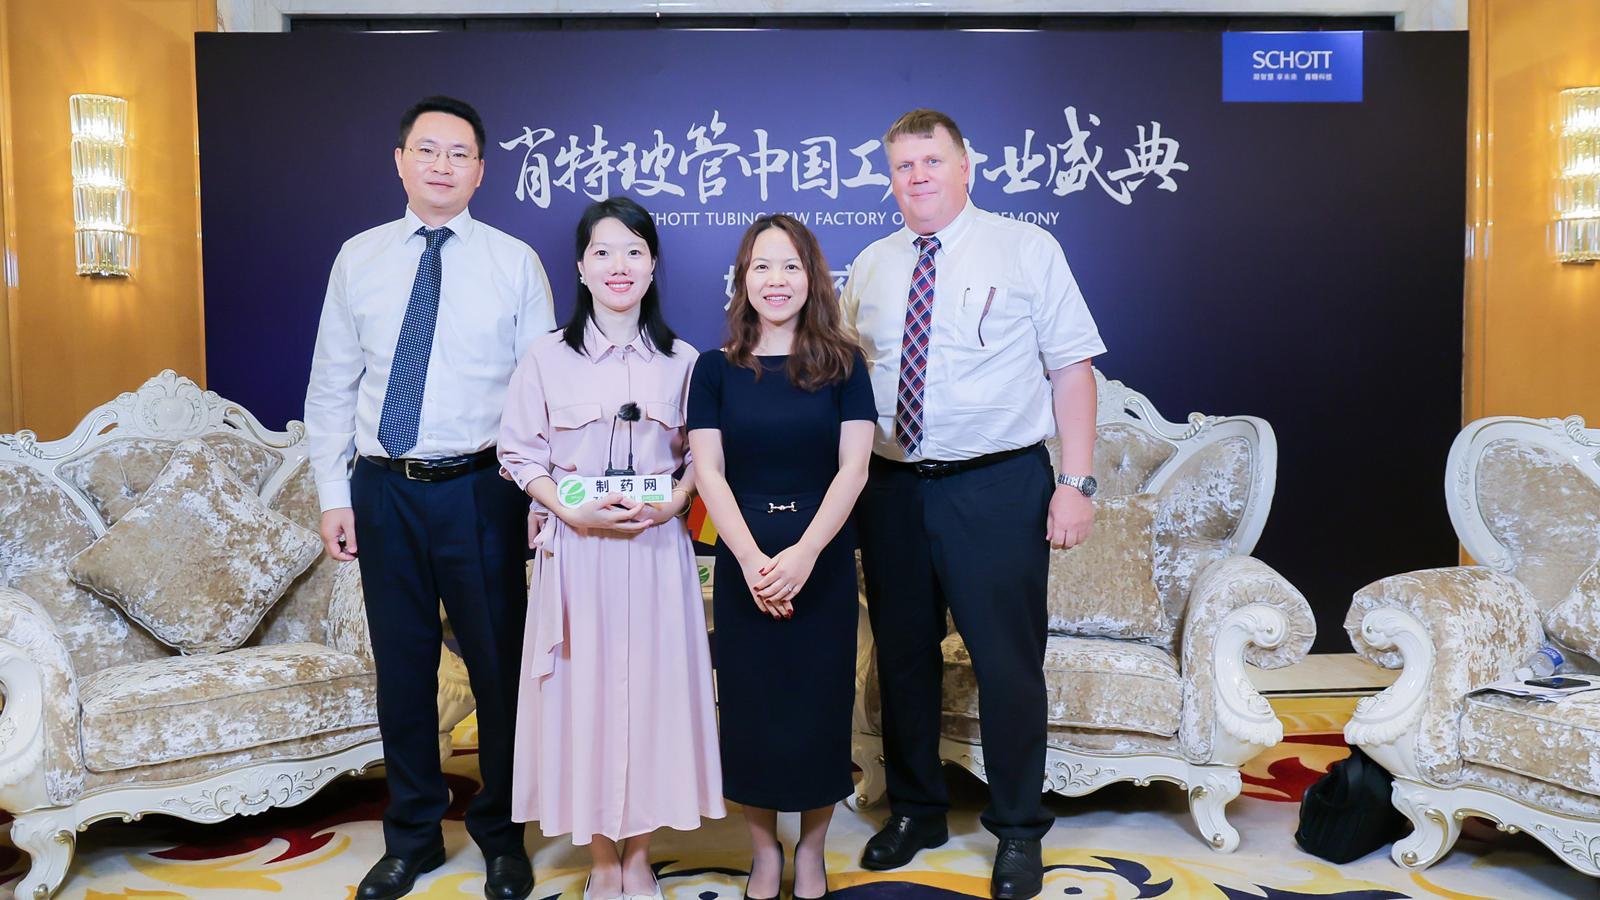 肖特玻管中国工厂盛大开业